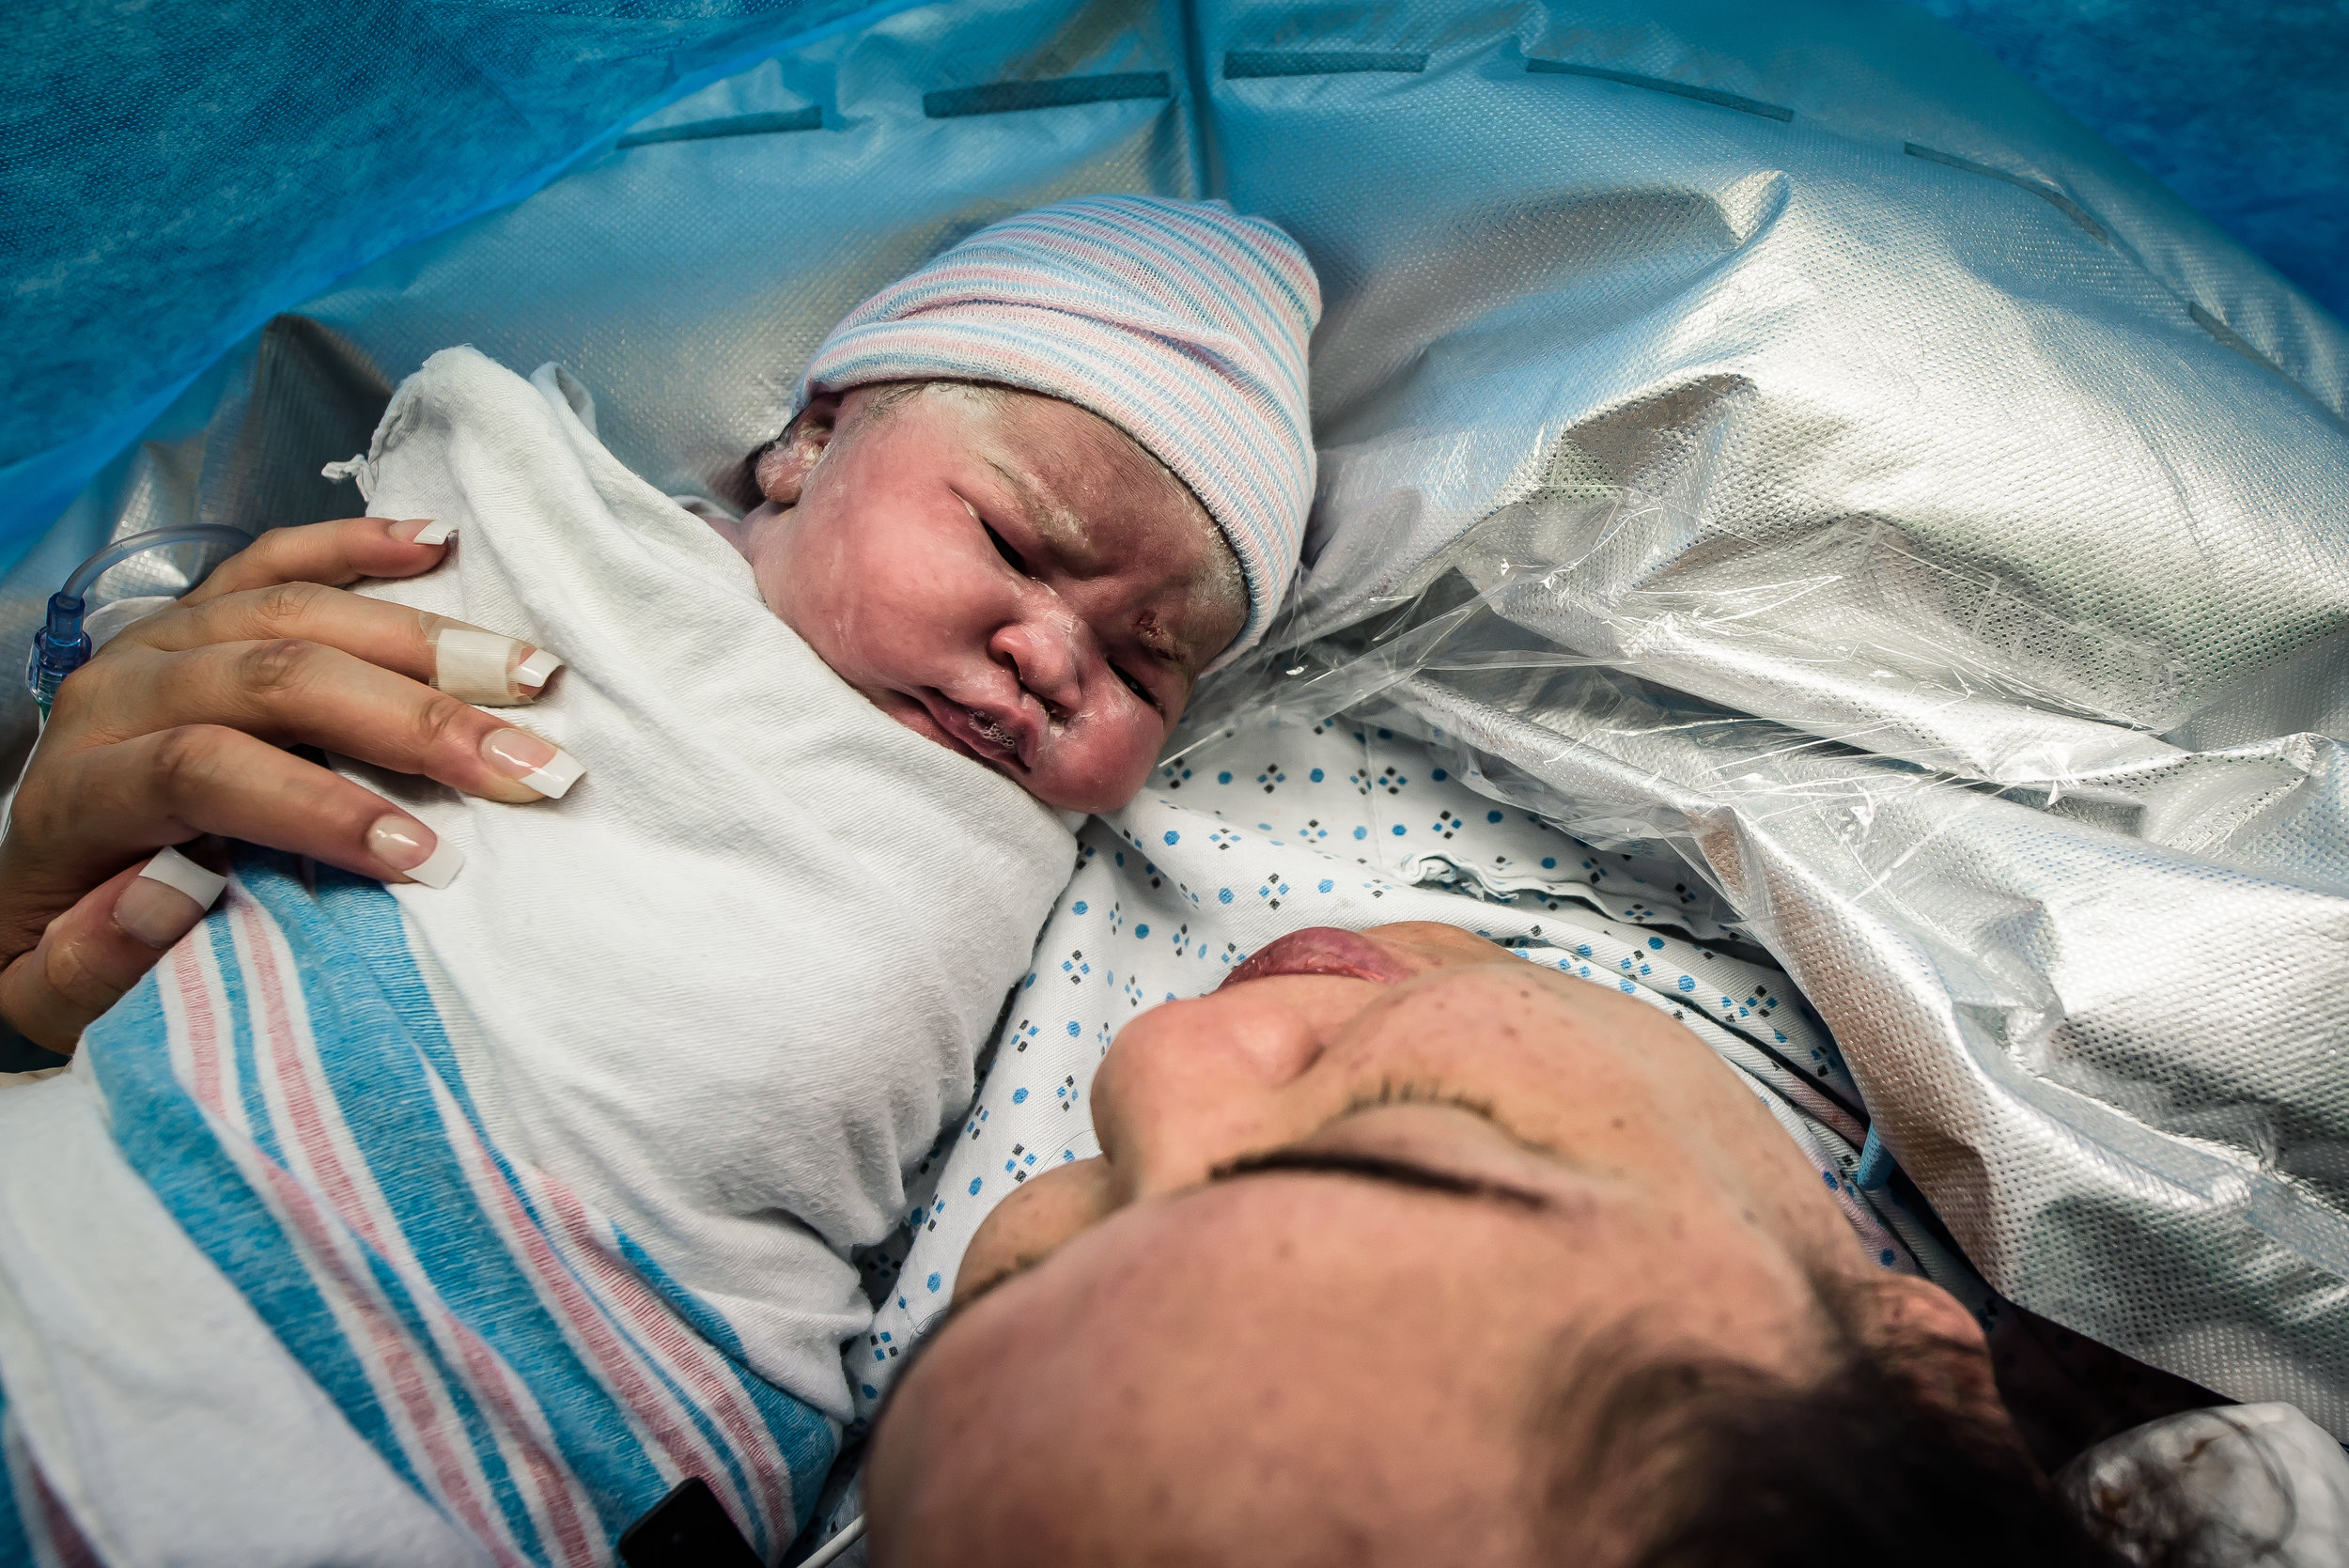 Colorado birth photography